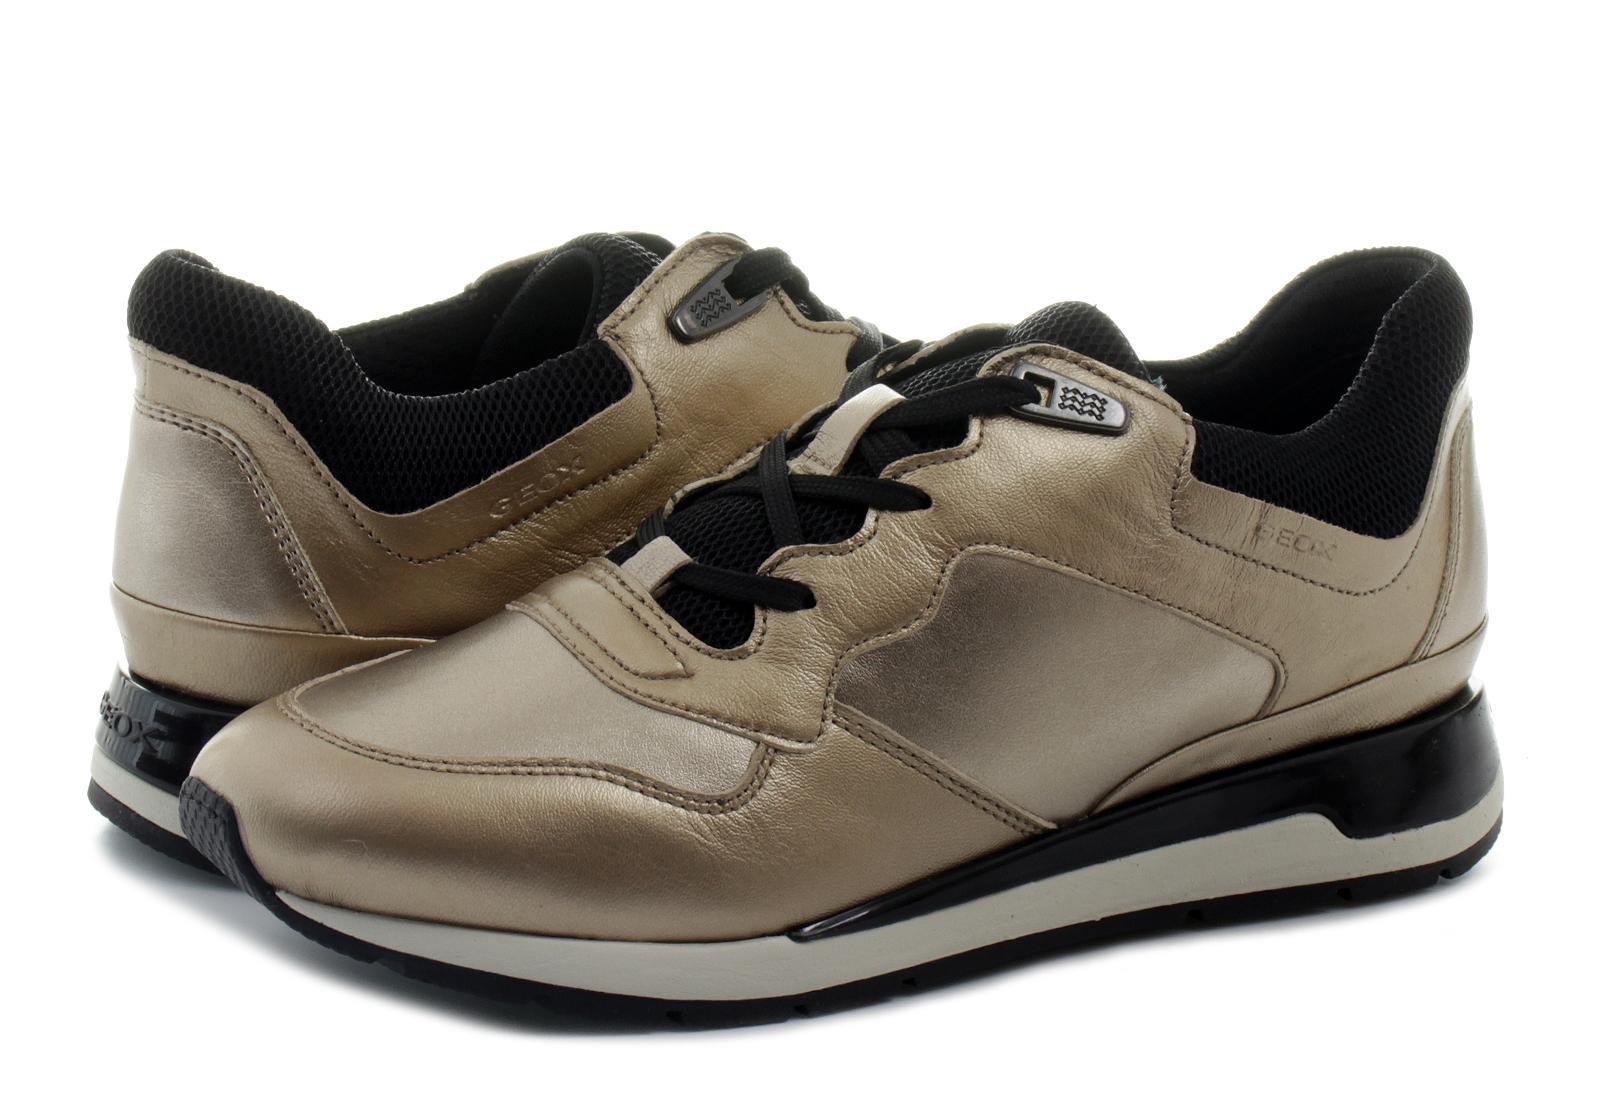 Geox Półbuty - D Shahira - N1B-NFBV-B500 - Obuwie i buty damskie, męskie,  dziecięce w Office Shoes